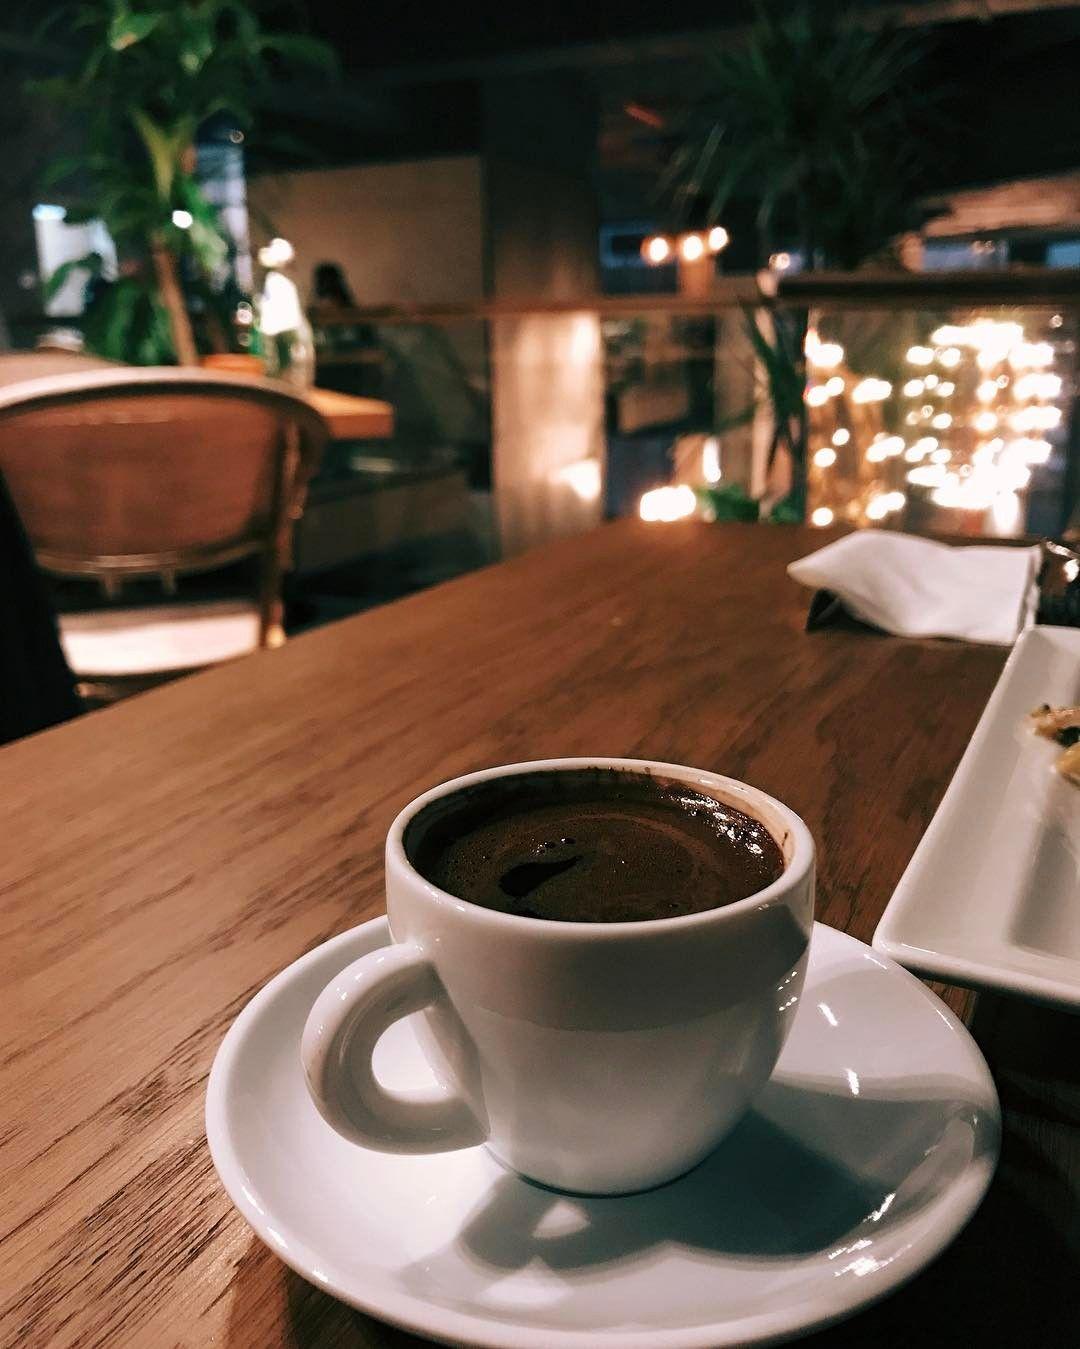 фото кофе ночью в кафе одним